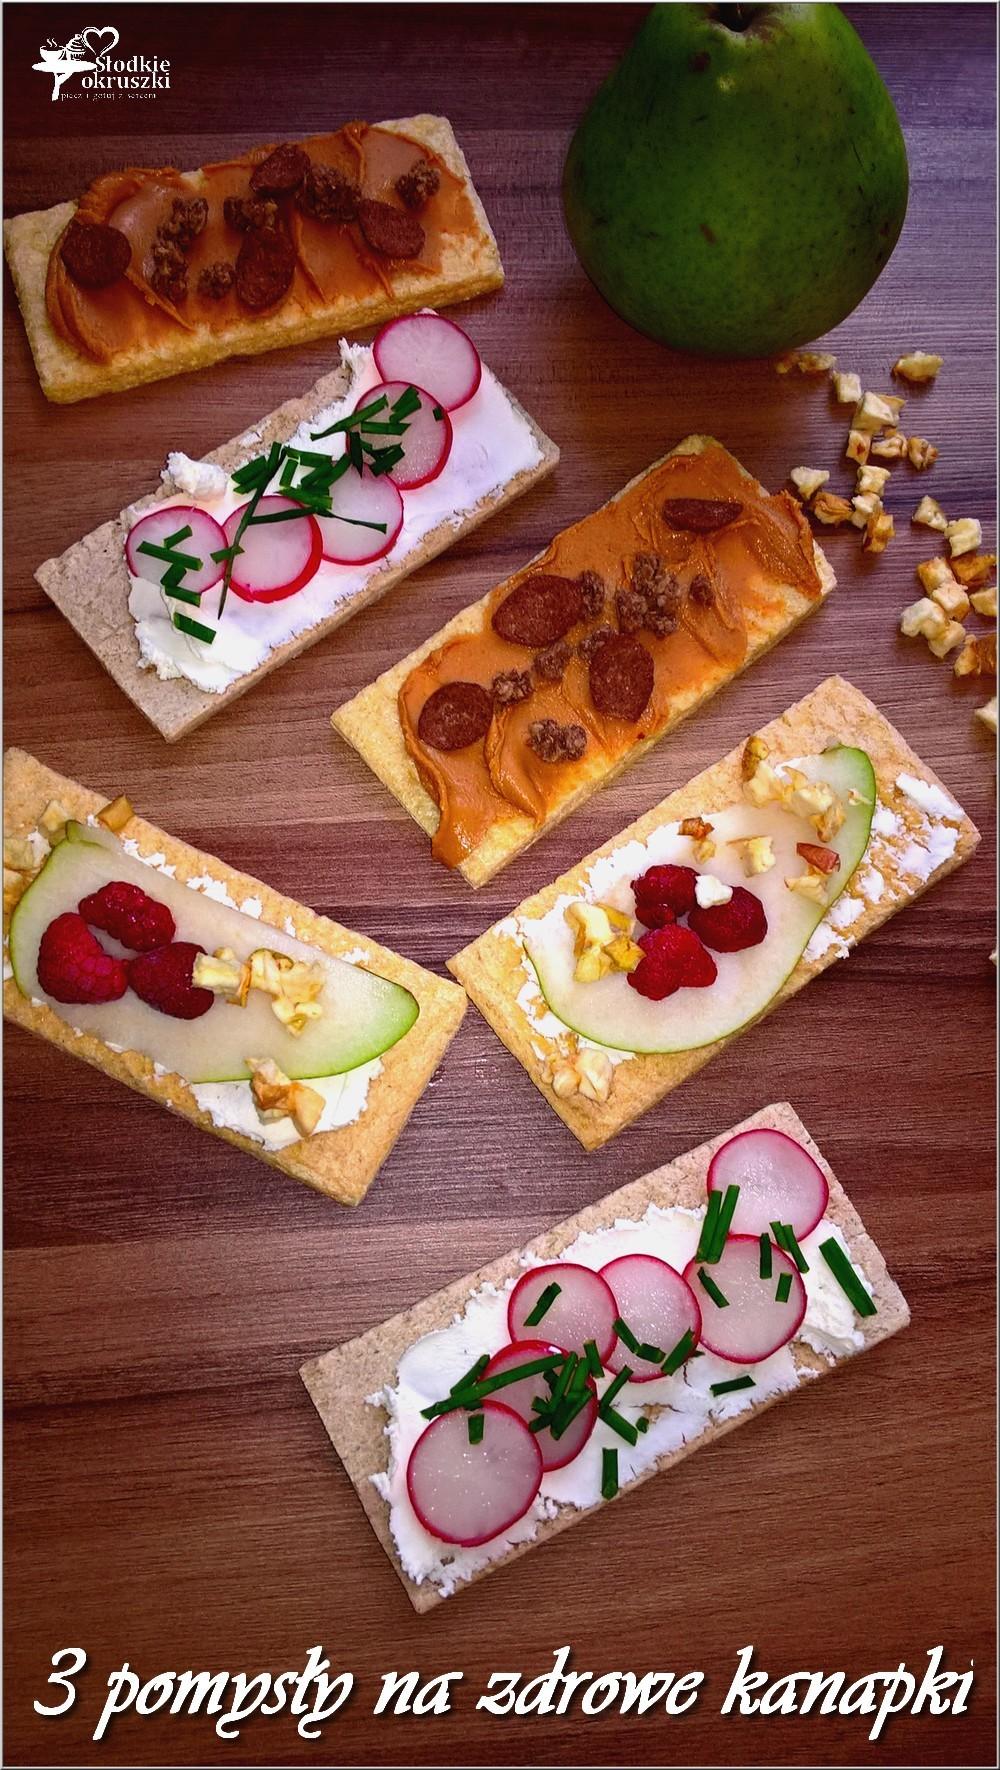 3 pomysły na zdrowe kanapki (1)